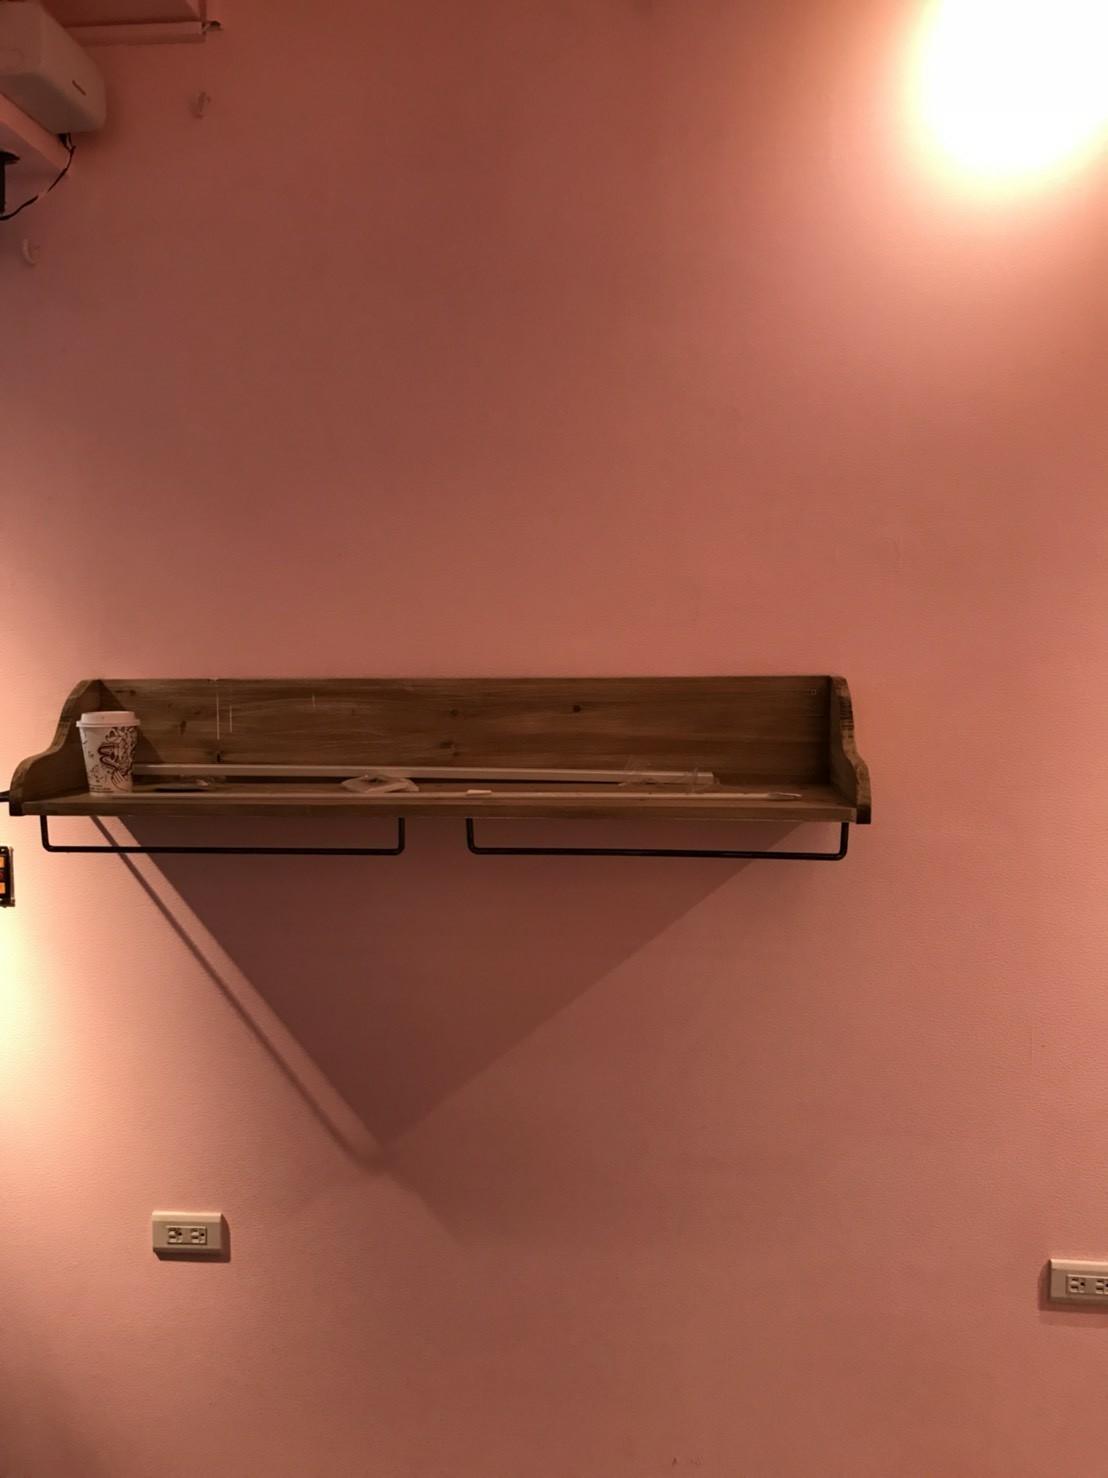 台北市店面油漆室內粉刷 (4)